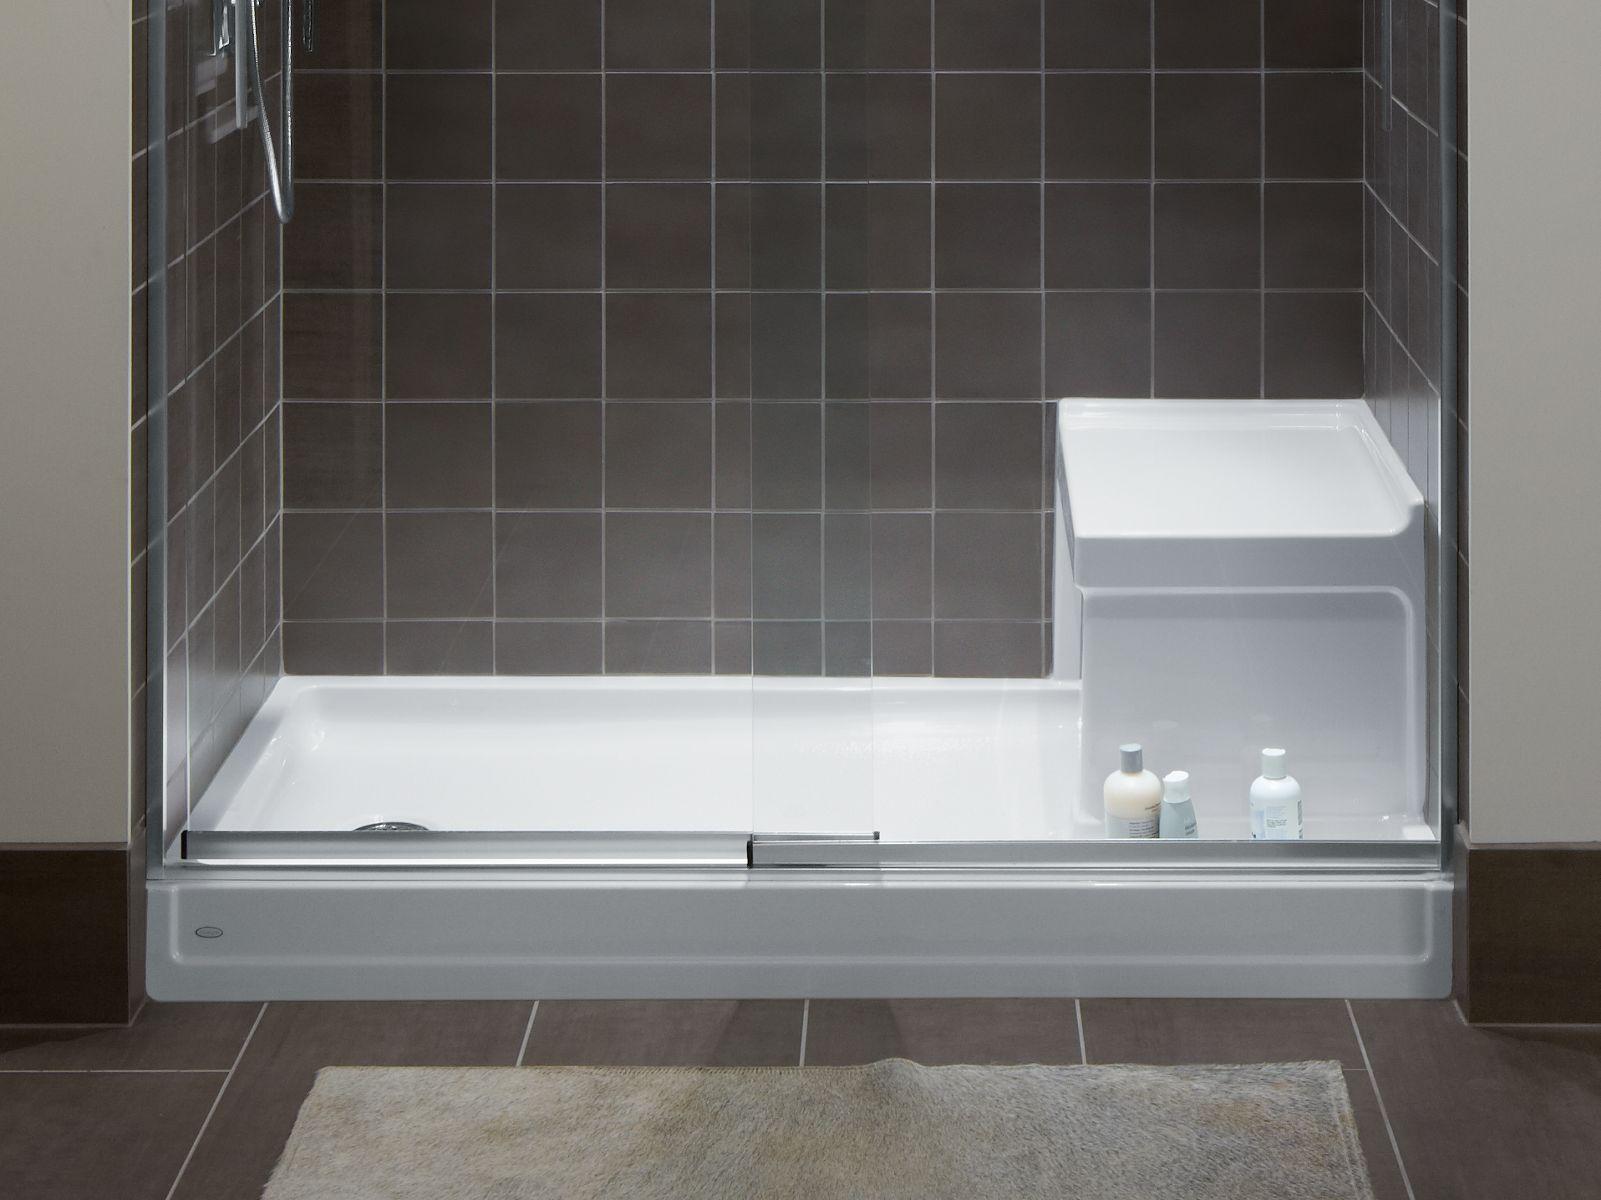 Shower Space Walls Amp Bases Guides Bathroom Kohler